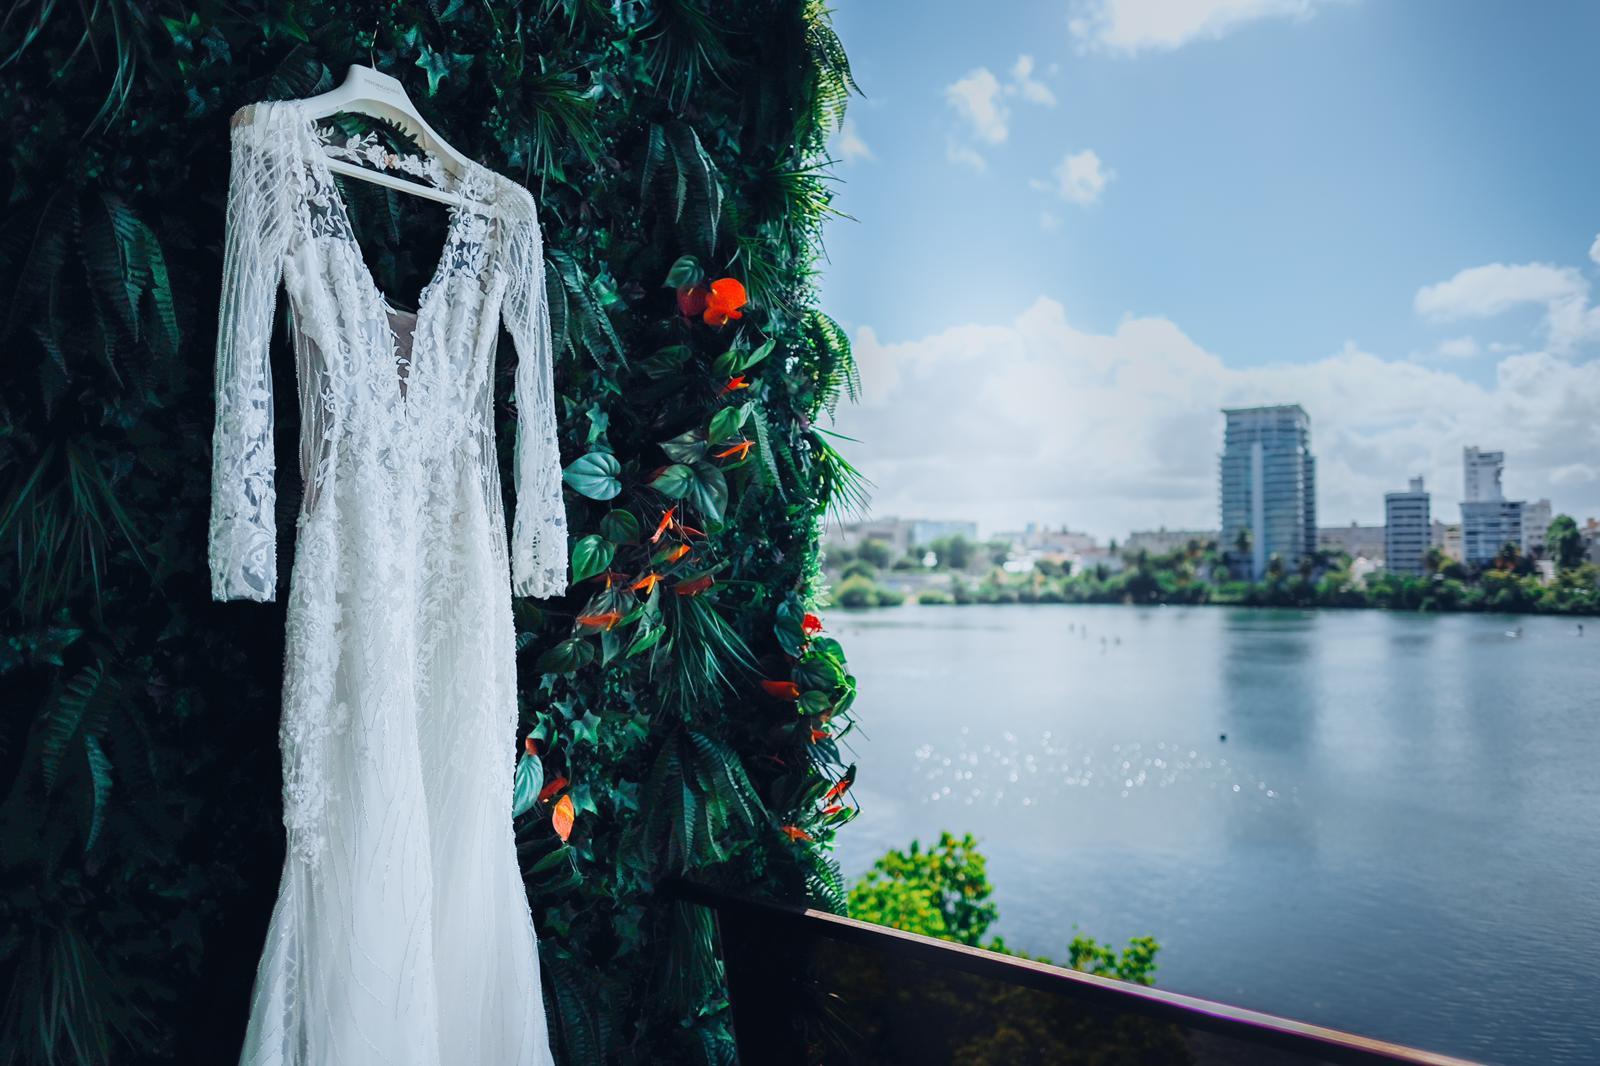 El vestido es de la marca Pronovias. (Foto: Emilio Leon Photography)